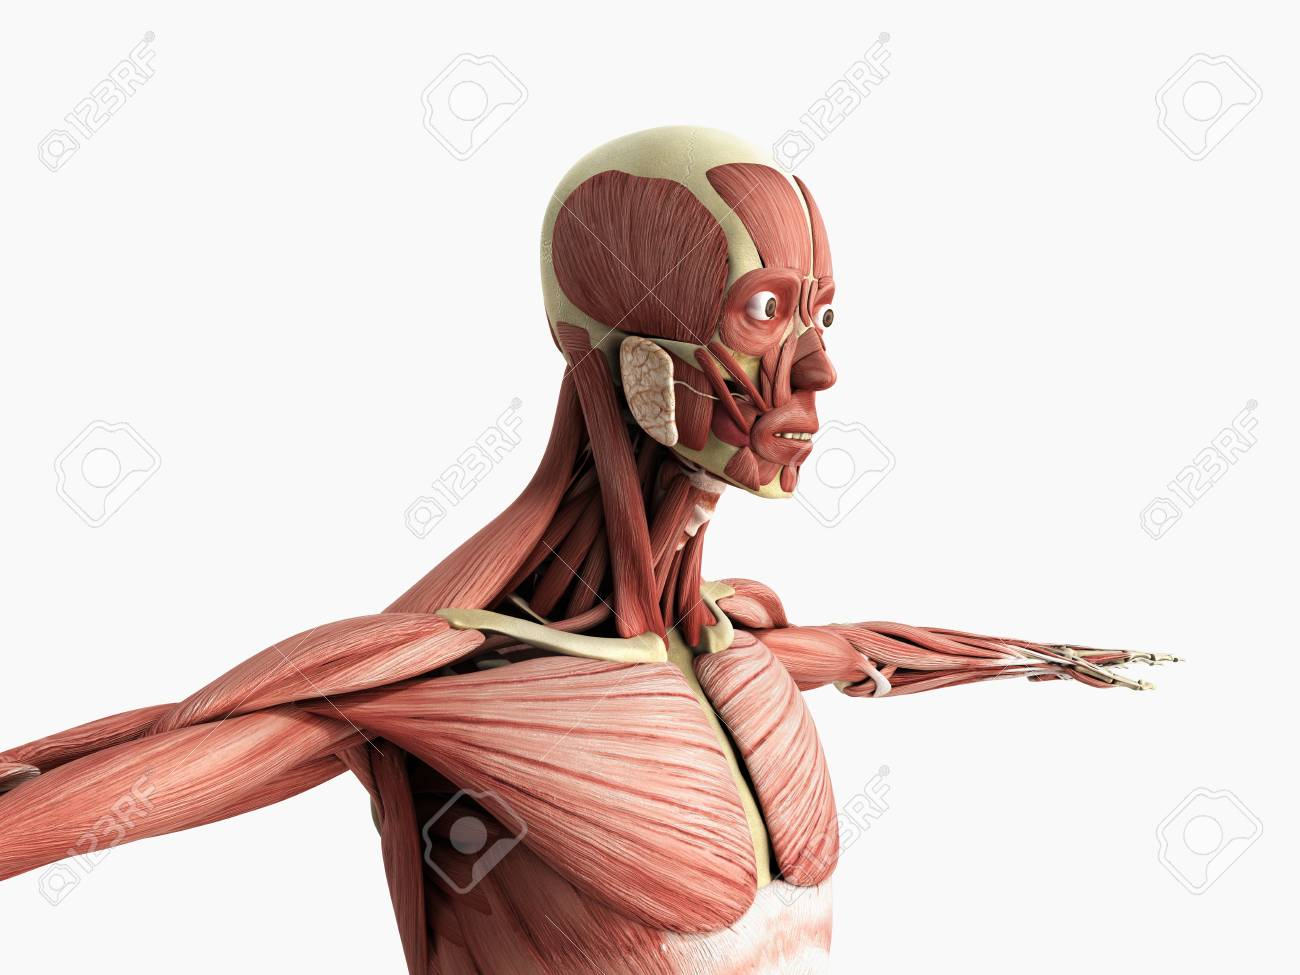 Großzügig Bild Der Menschlichen Anatomie Mit Organen In Ihm ...